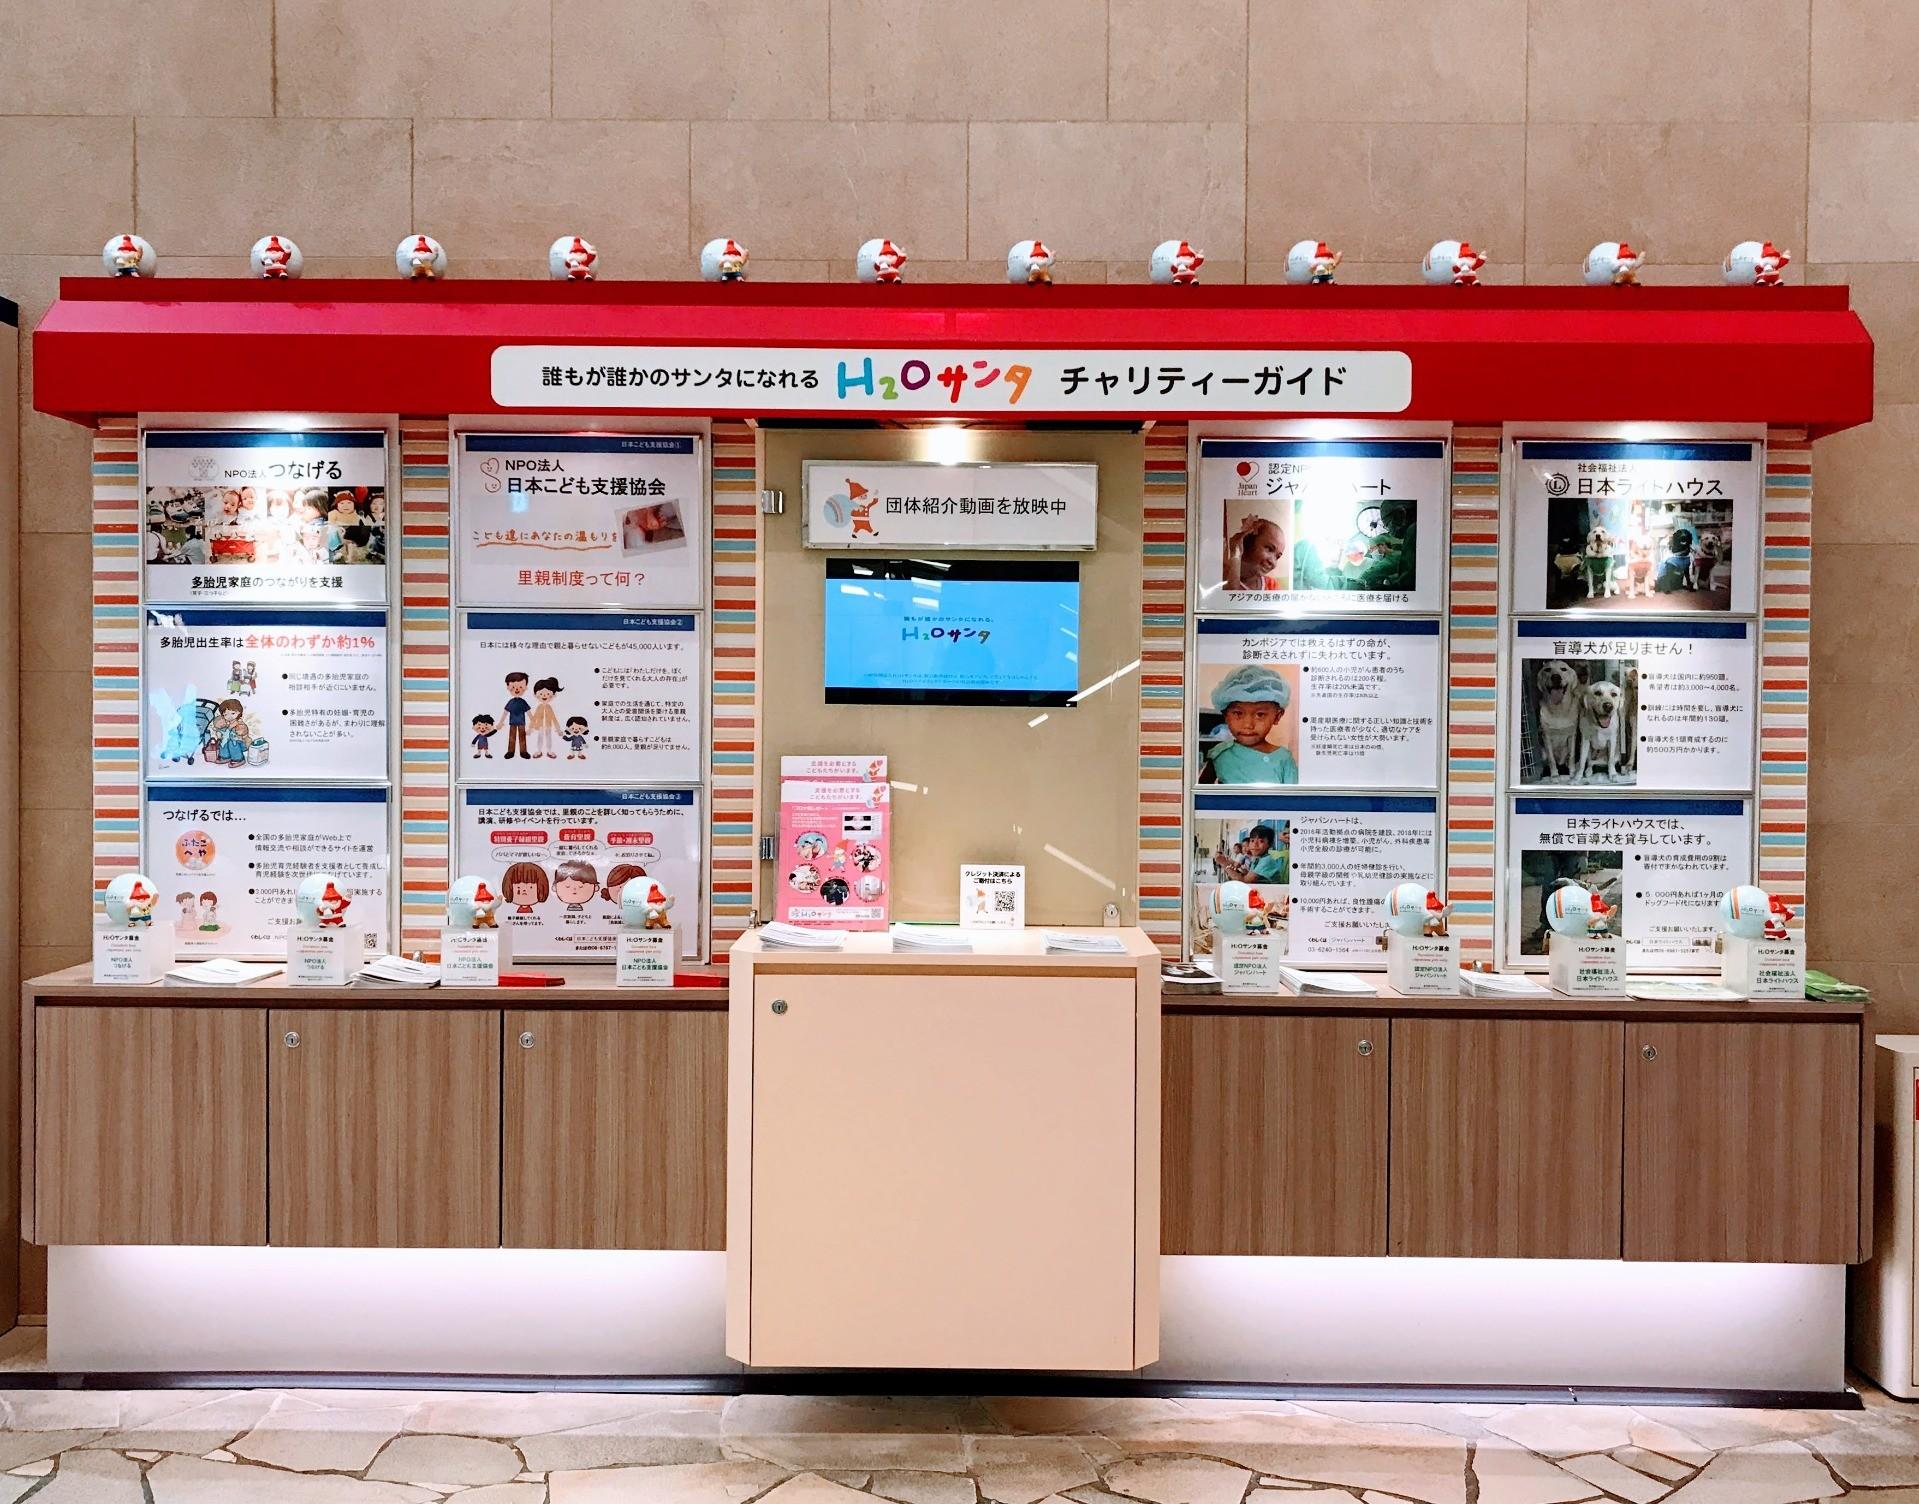 阪急百貨店 H2O(エイチ・ツー・オー )サンタチャリティガイド設置いただいてます